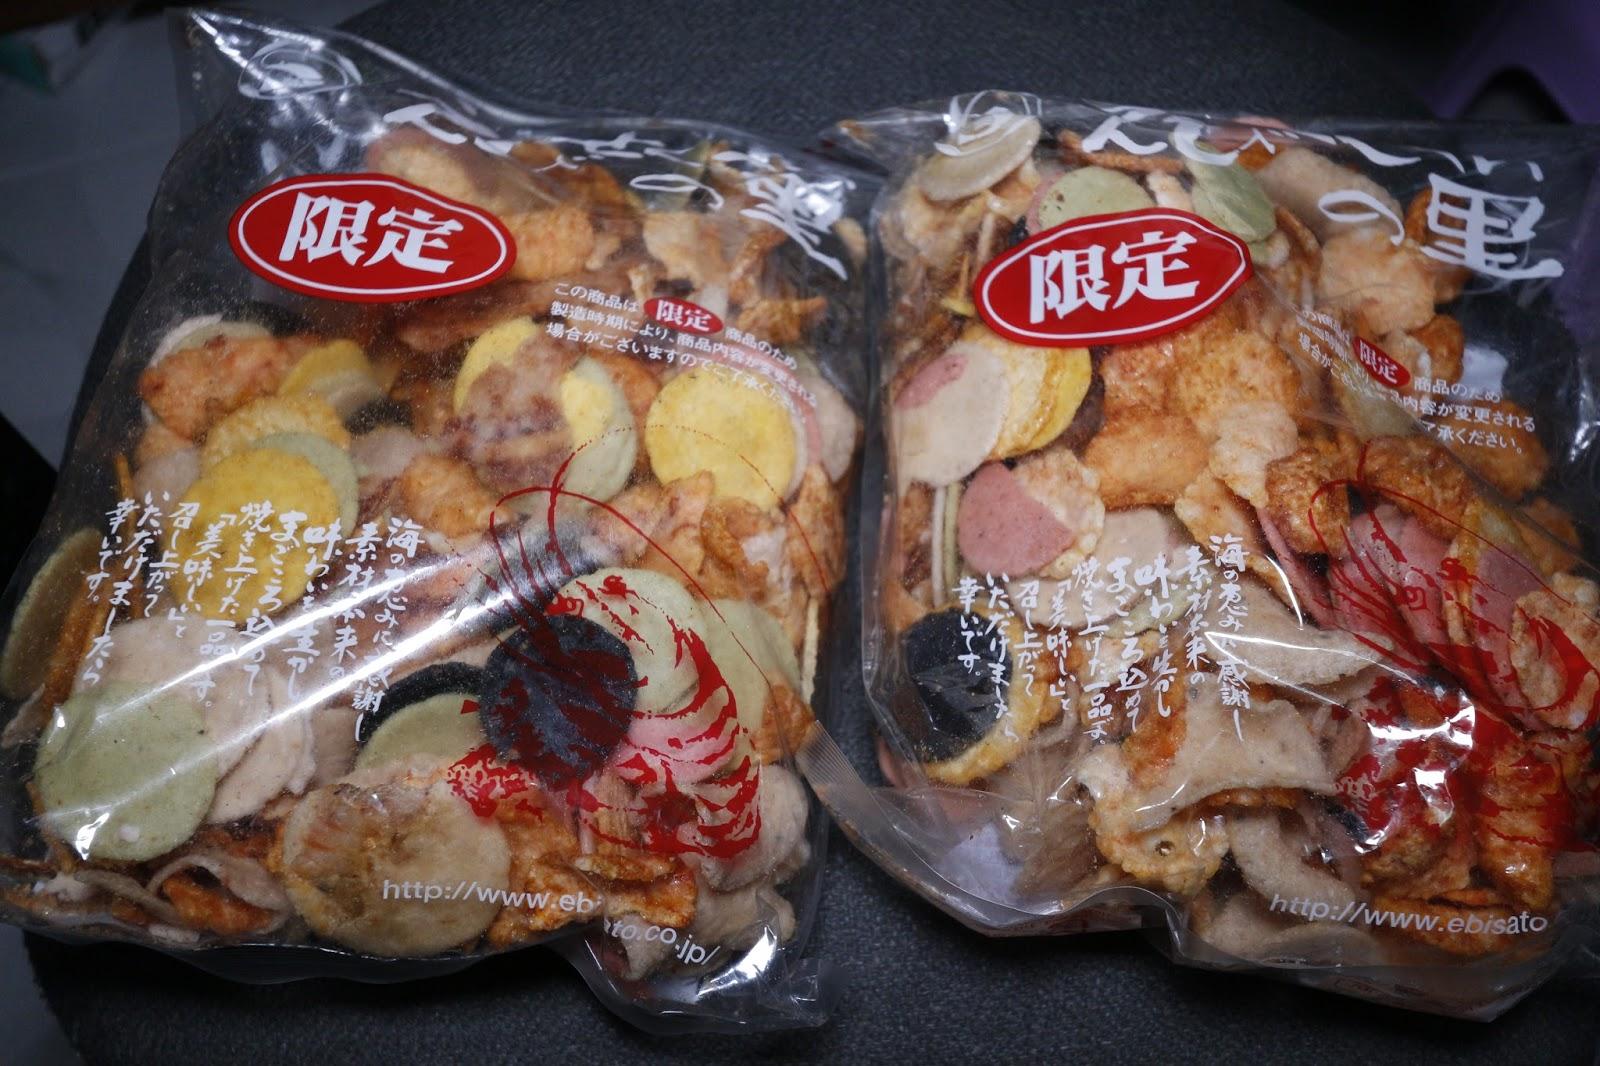 一包就能品嚐多種味道的 名古屋 機場 蝦餅 開箱文 &試食 名古屋 ...